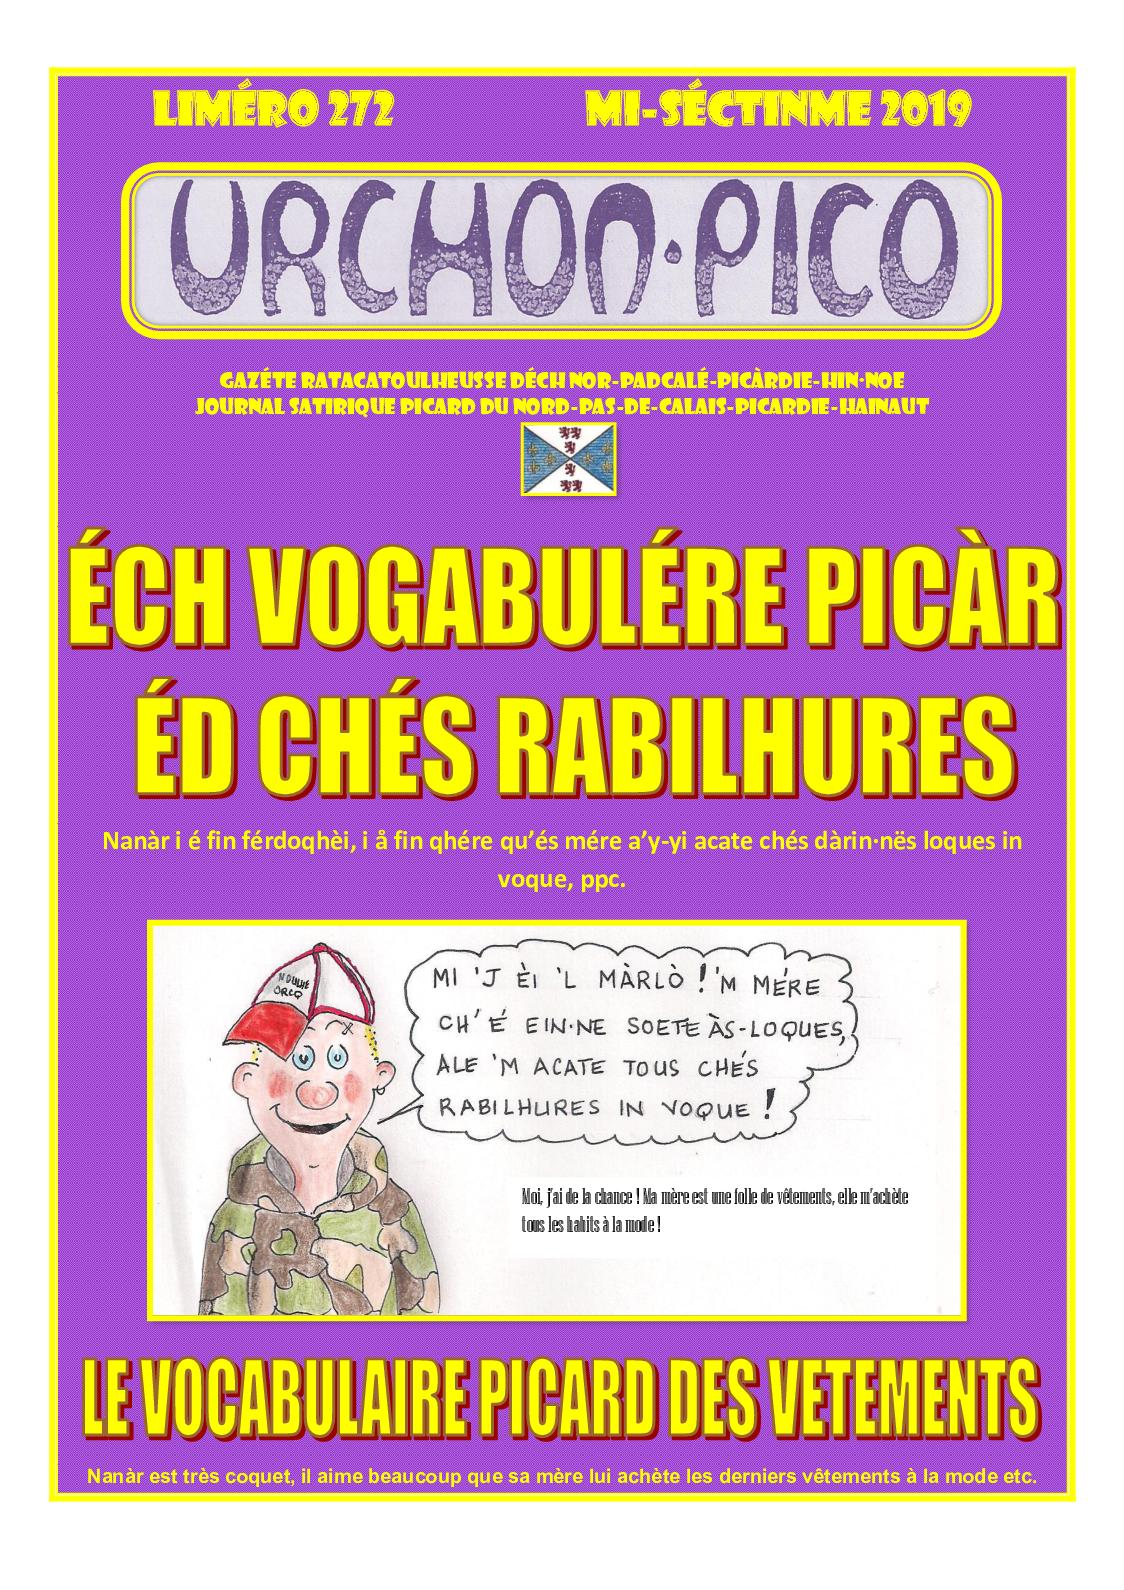 Calaméo Urchon Pico L272